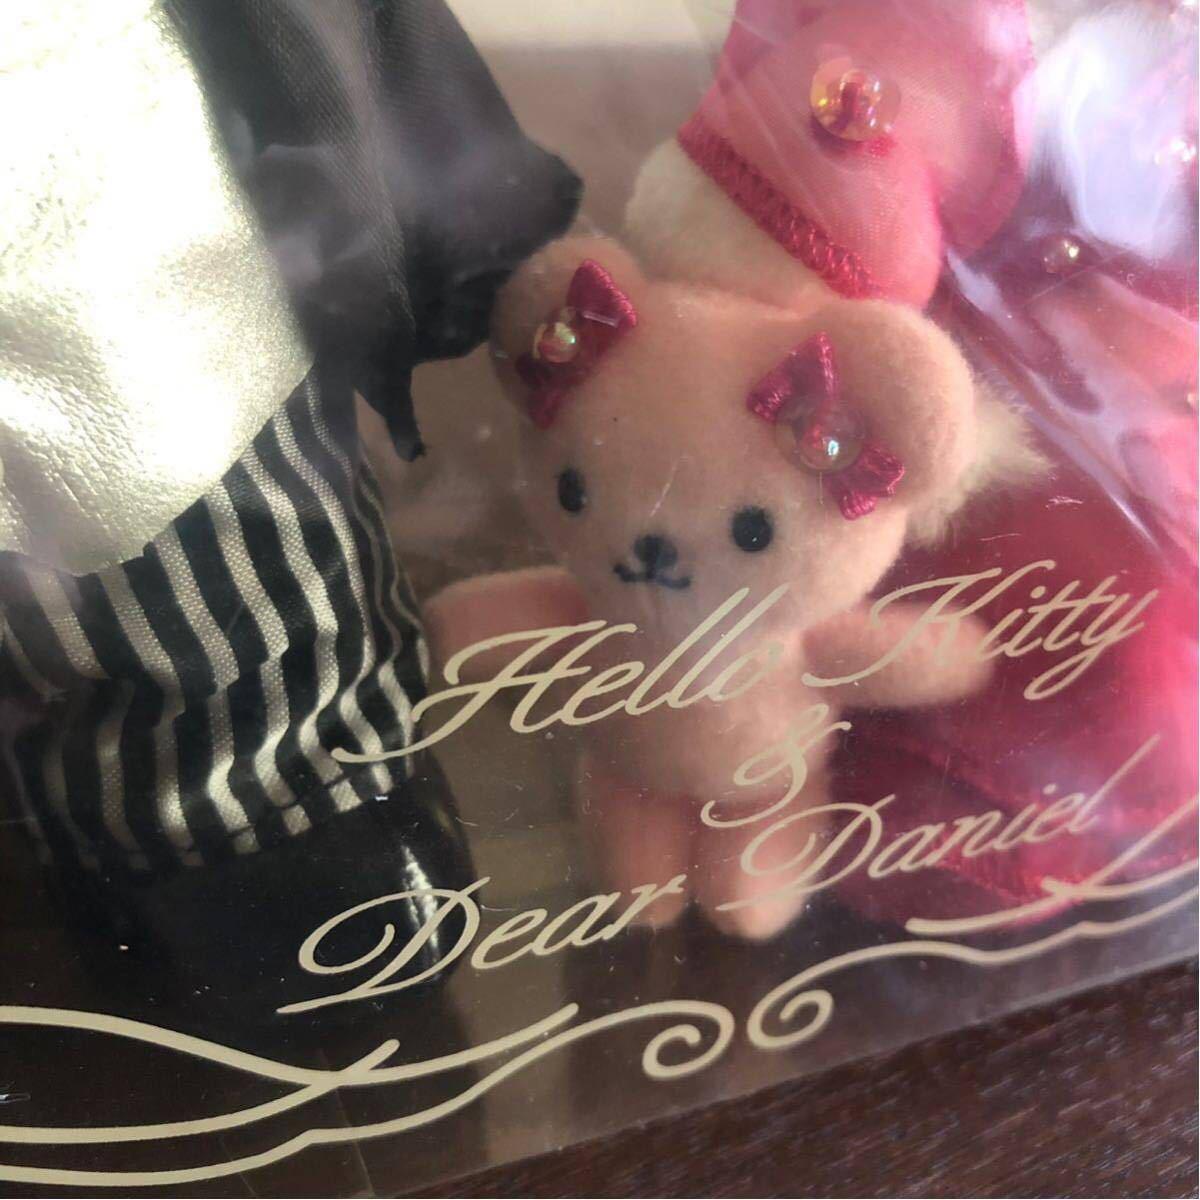 レア☆ハローキティ&ダニエル☆ウェディングドール ピンクドレス クマ ベビー 結婚式 ウェルカムドール ぬいぐるみ 2002年製 サンリオ_画像4